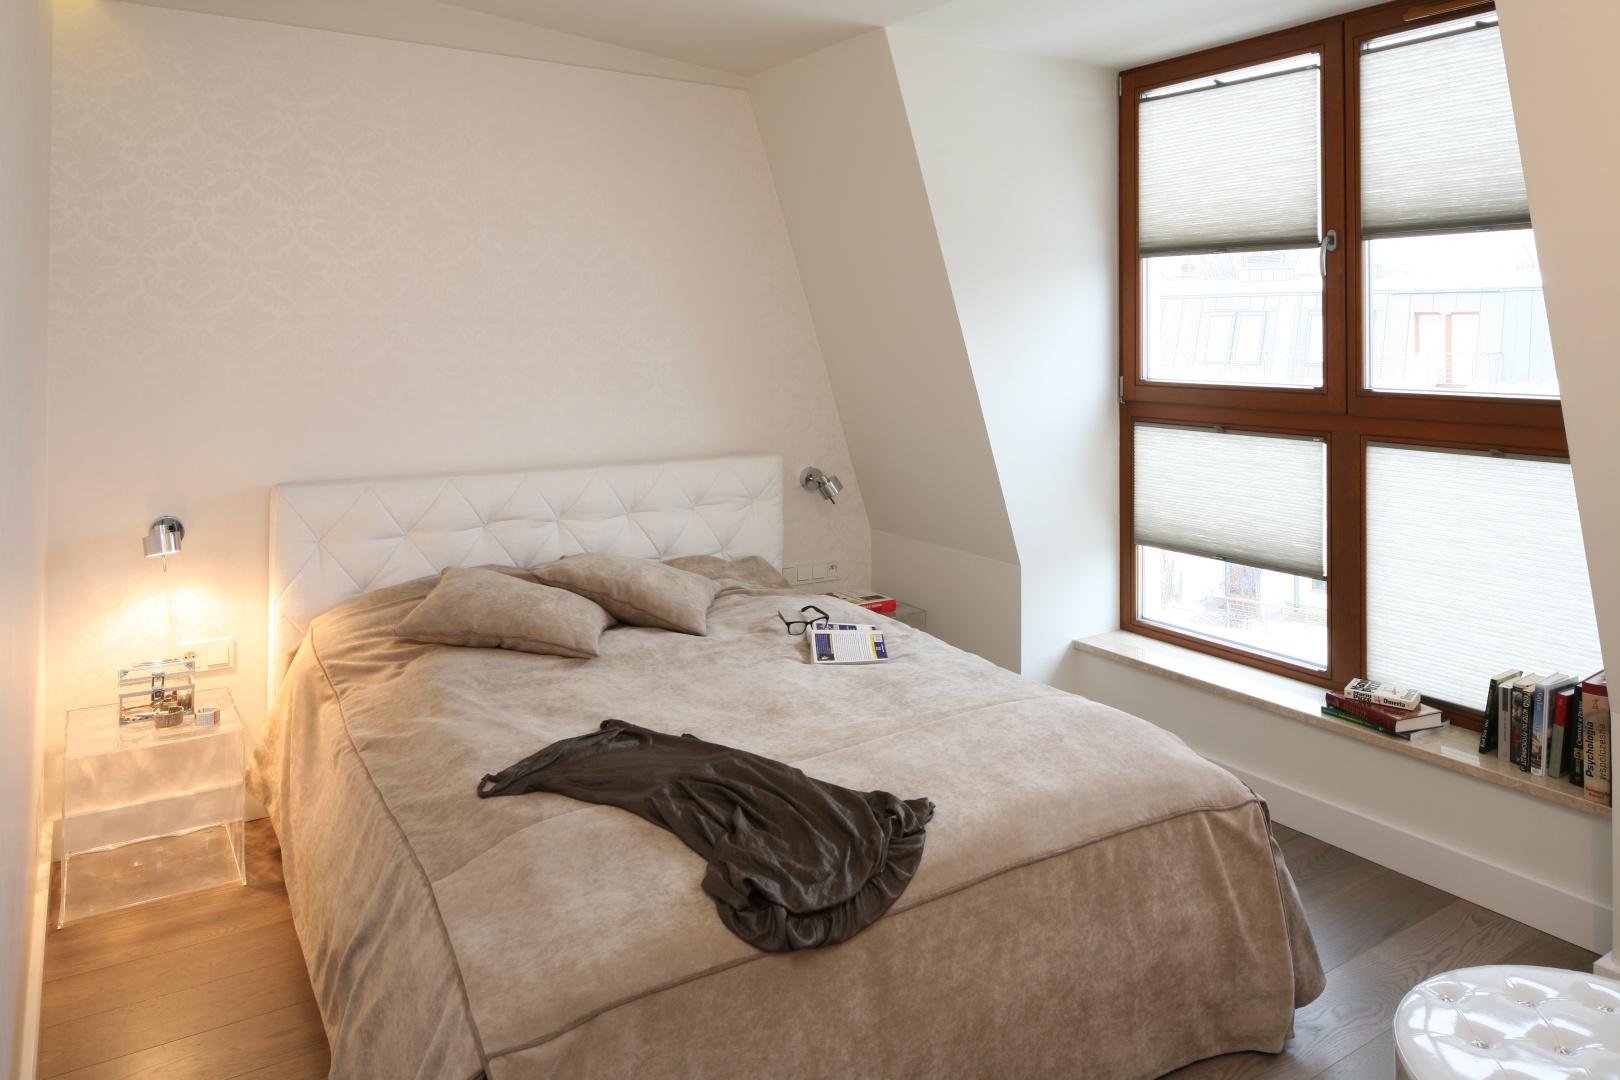 W sypialni dominuje spokojna, stonowana kolorystyka. Tapicerowanie łóżko dodaje wnętrzu przytulności. Fot. Bartosz Jarosz.